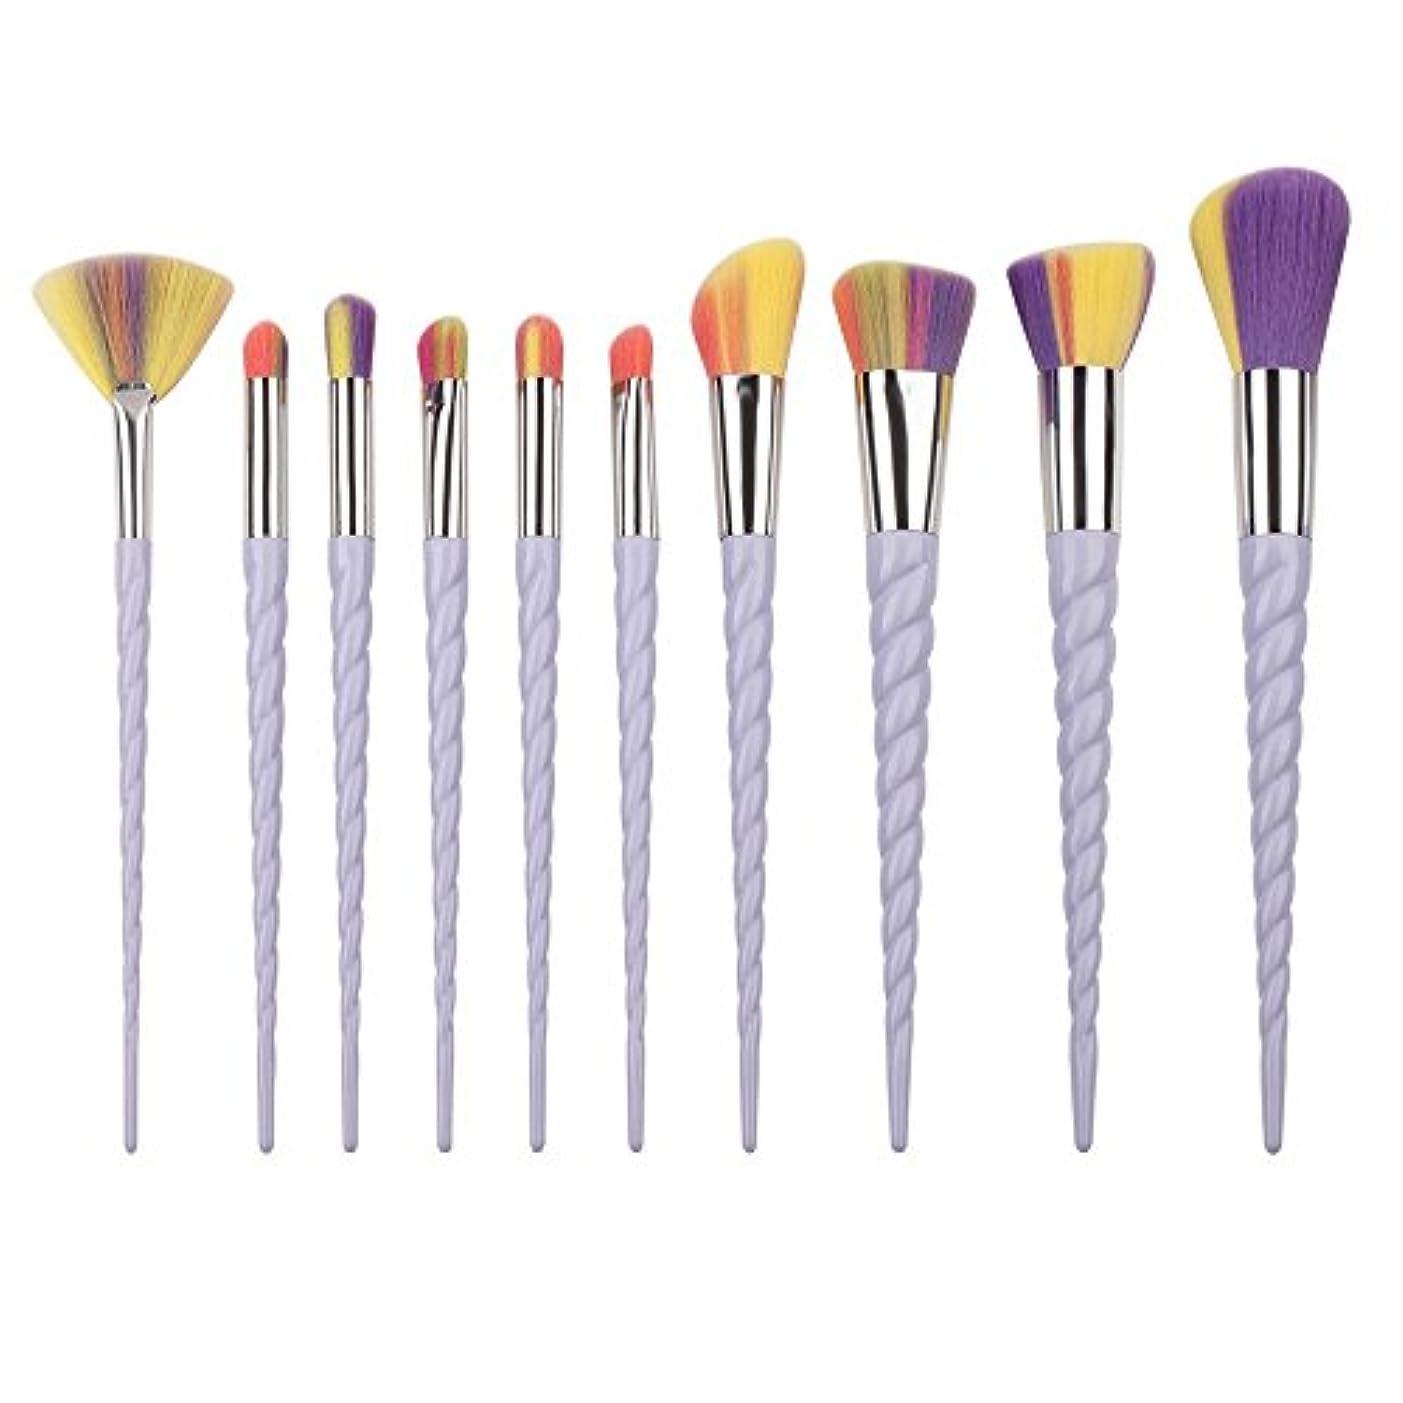 身元名義で比率Dilla Beauty 10本セットユニコーンデザインプラスチックハンドル形状メイクブラシセット合成毛ファンデーションブラシアイシャドーブラッシャー美容ツール (ホワイト-3)